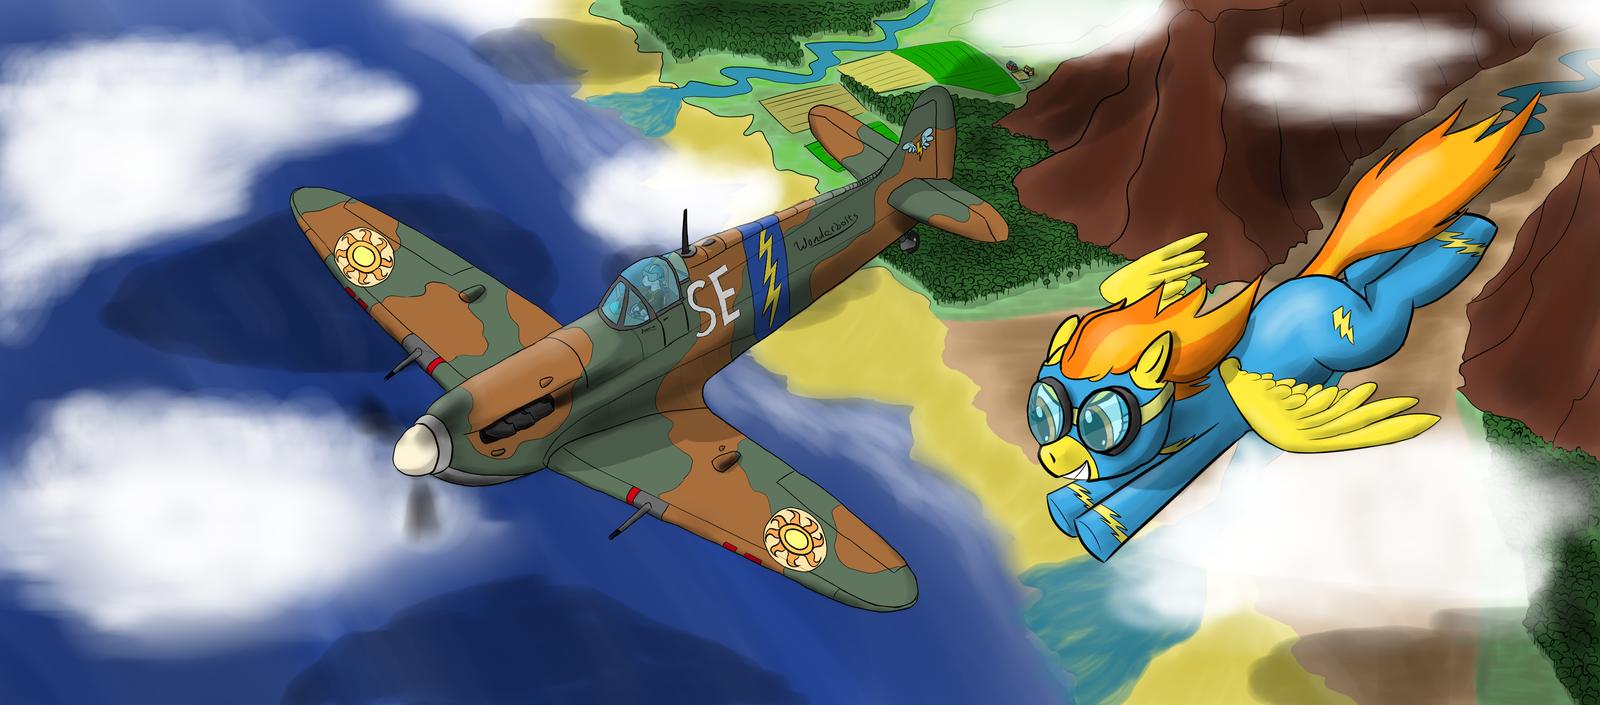 Spitfire Vs. Spitfire by LaptopGun